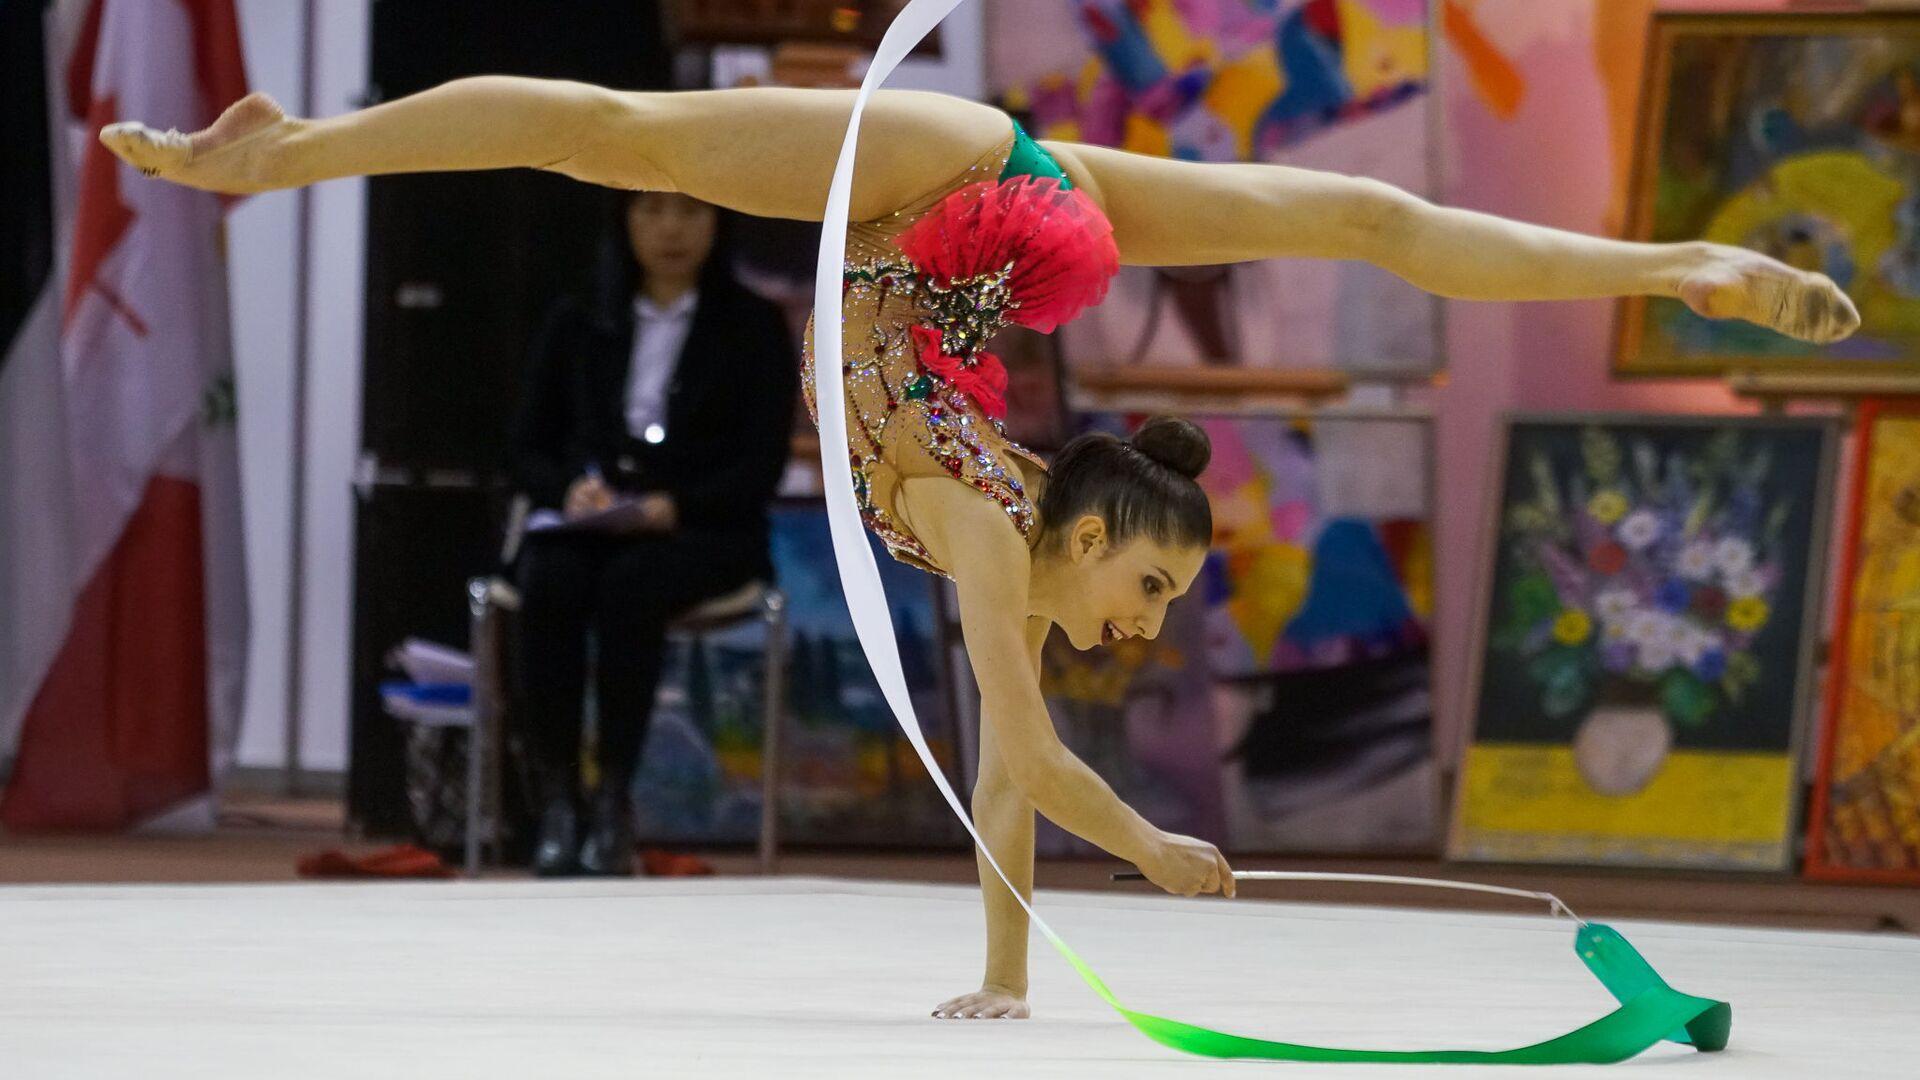 Латвийка Елизавета Полстяная выполняет упражнение с лентой - Sputnik Латвия, 1920, 03.06.2021